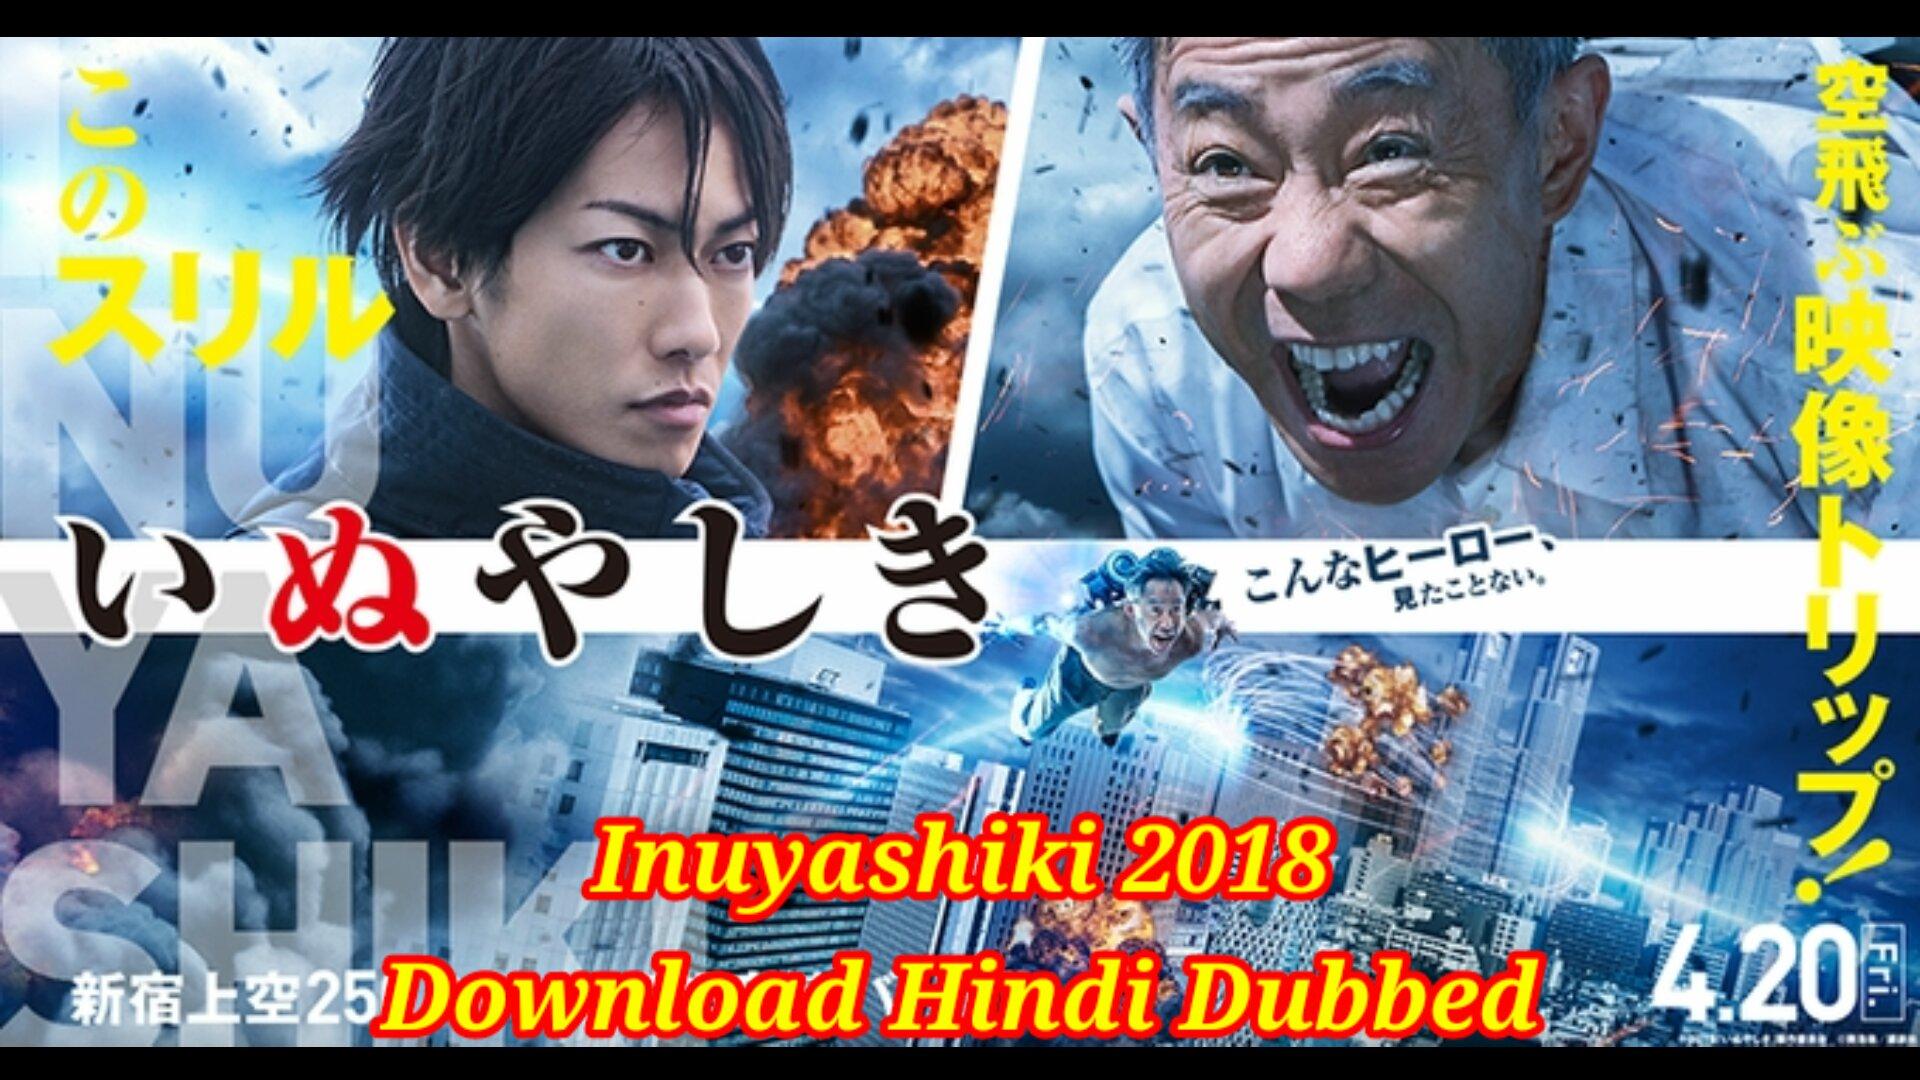 Inuyashiki 2018